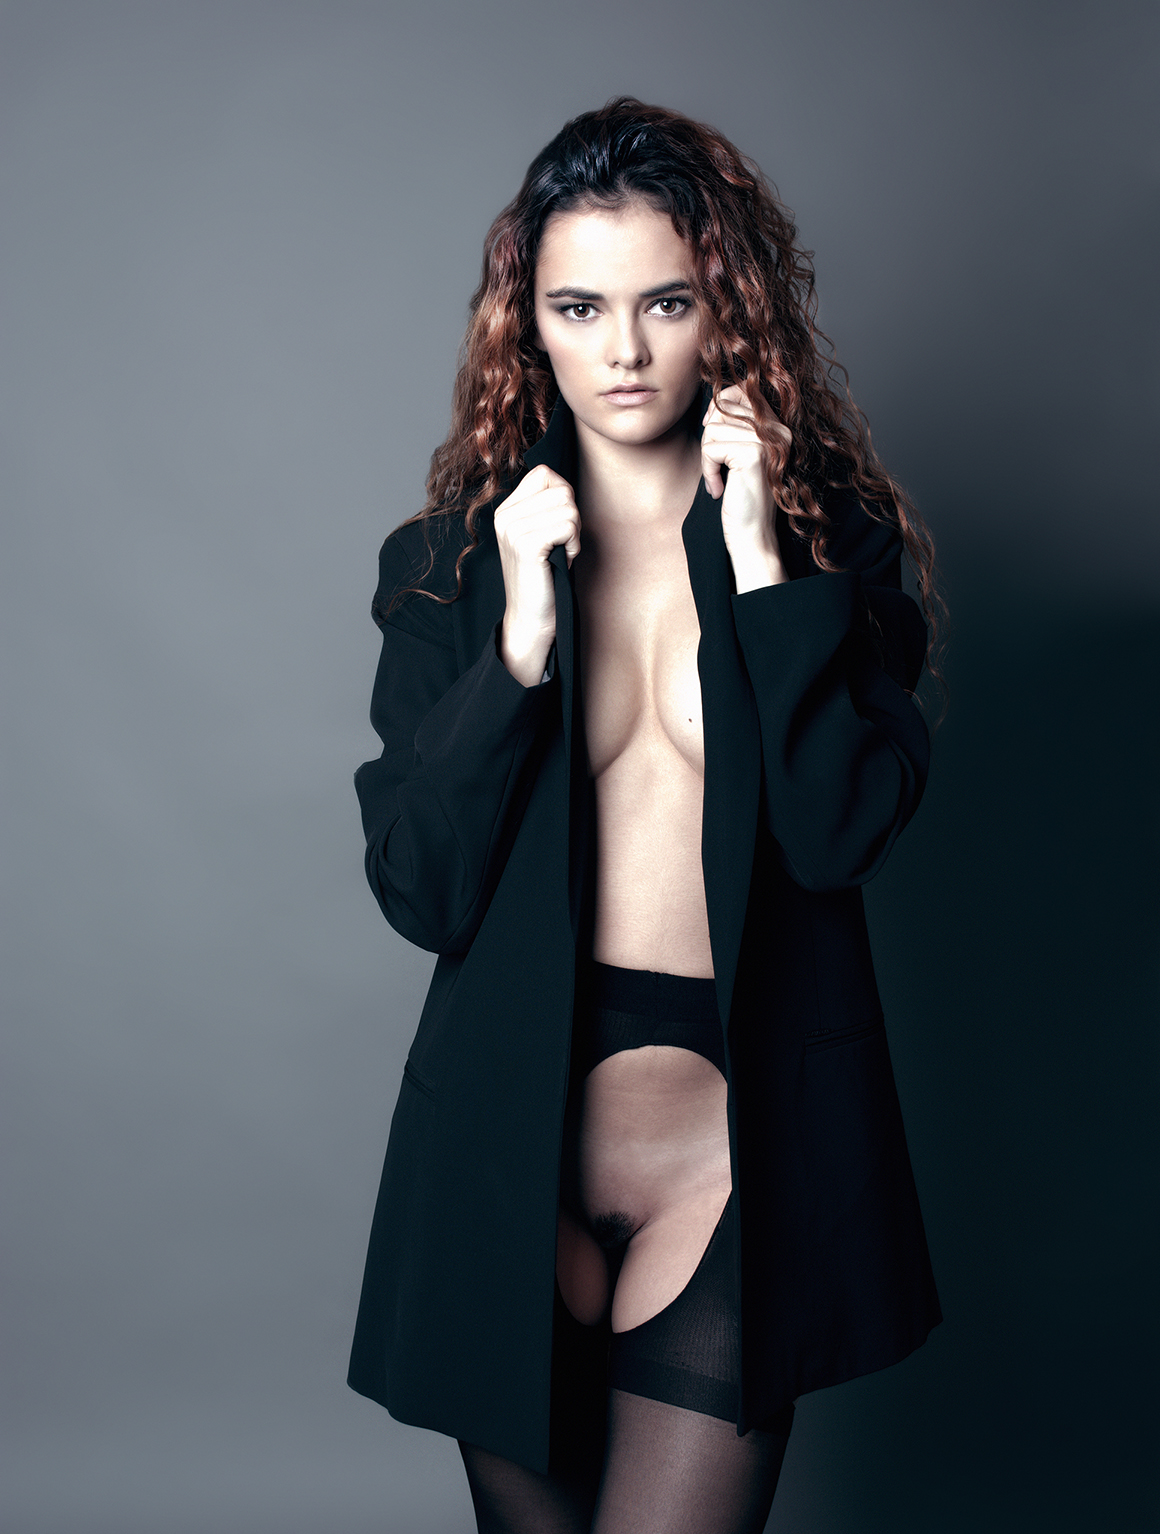 Miss S - Acceso gratuito - Desnudo, semidesnudo y boudoir. Fotografía por Javier Cuevas